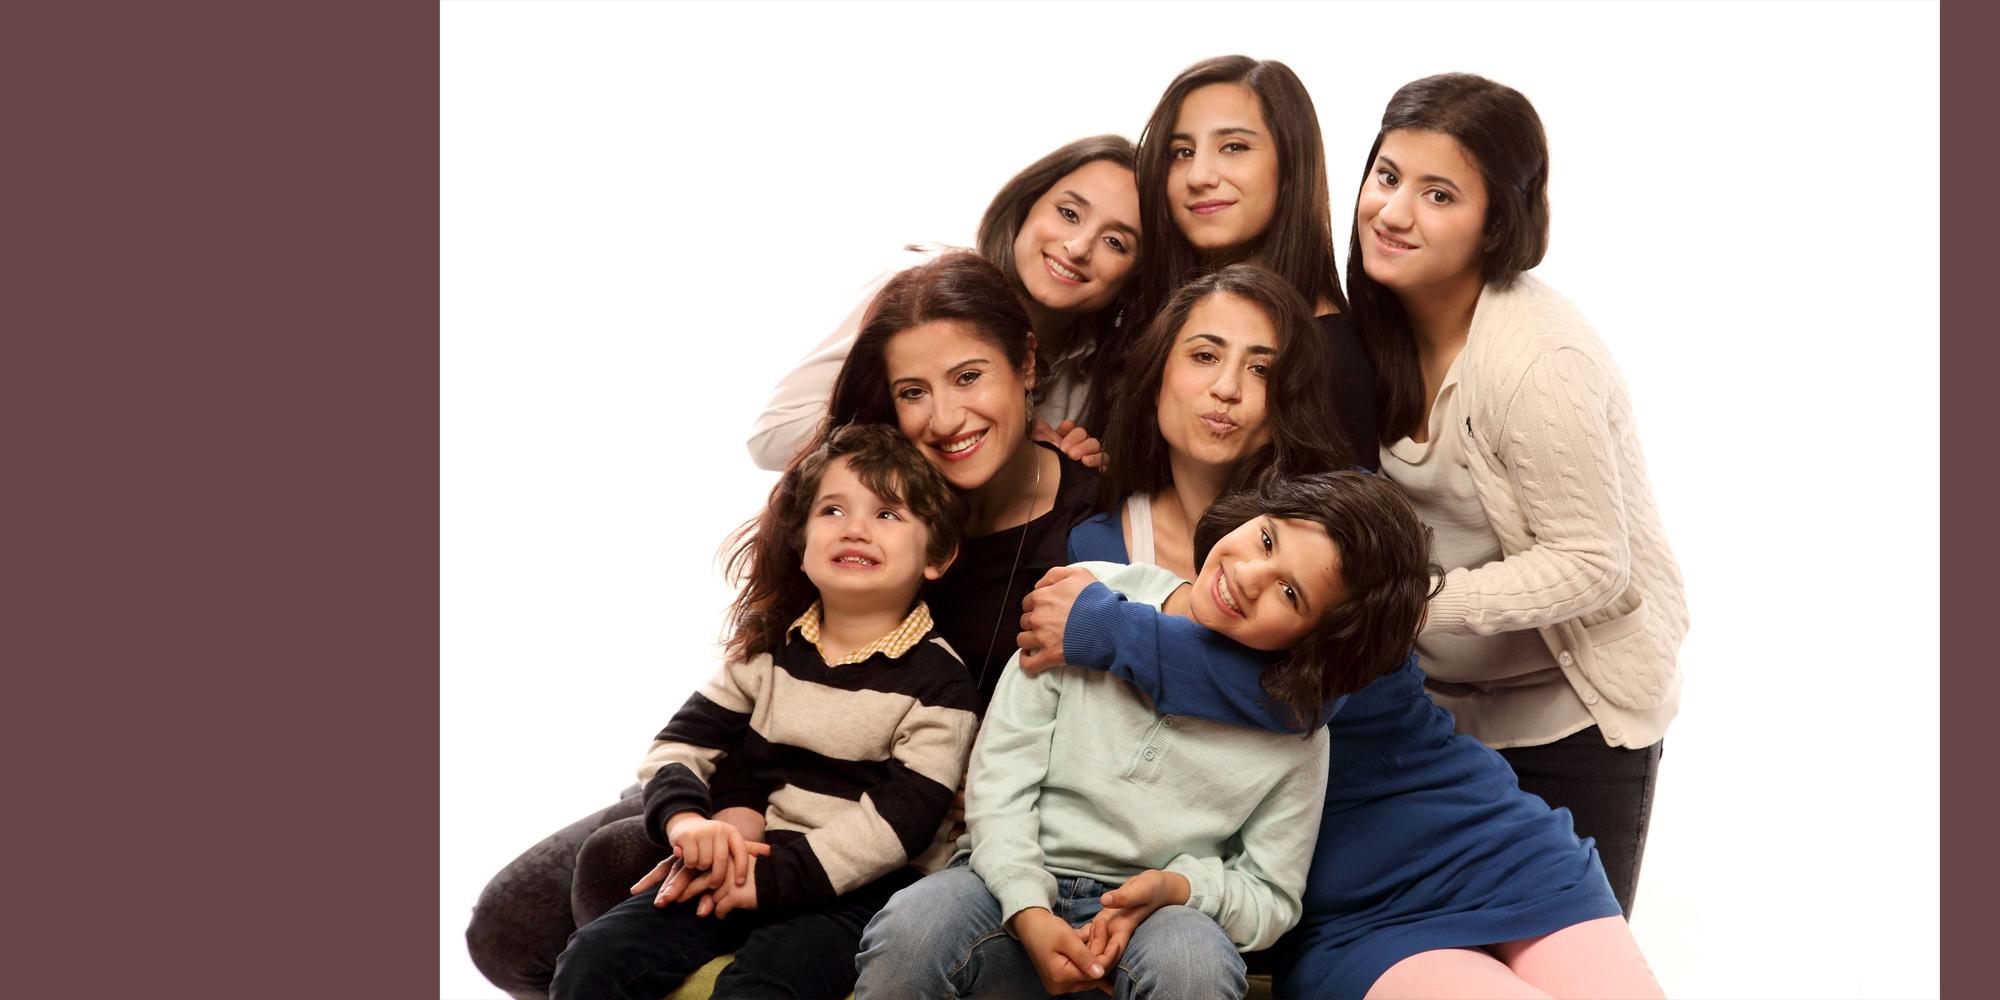 Farbportrait von vier dunkelhaarigen, lächelnden Frauen, die ihre Köpfe dicht beieinander halten und vor sich zwei kleinere Kinder im Arm halten.